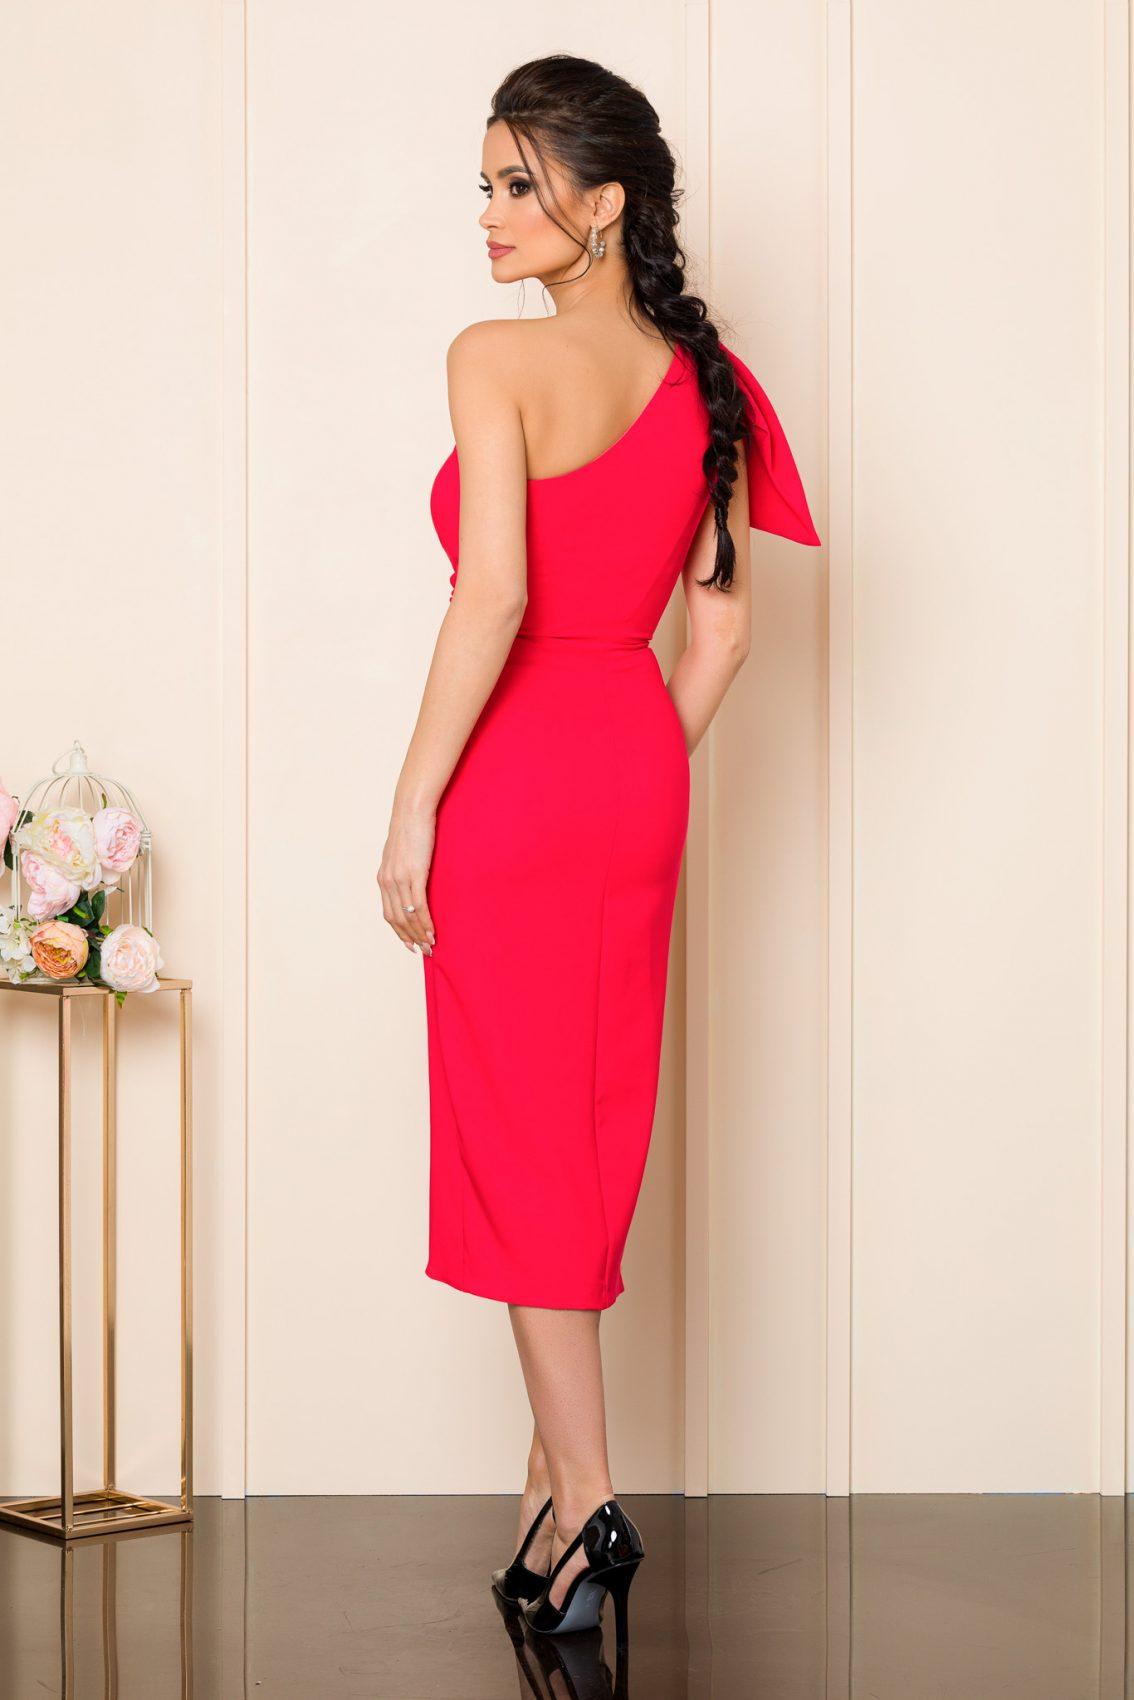 Κοραλί Μίντι Φόρεμα Με Έναν Ώμο Tatiana 9811 2